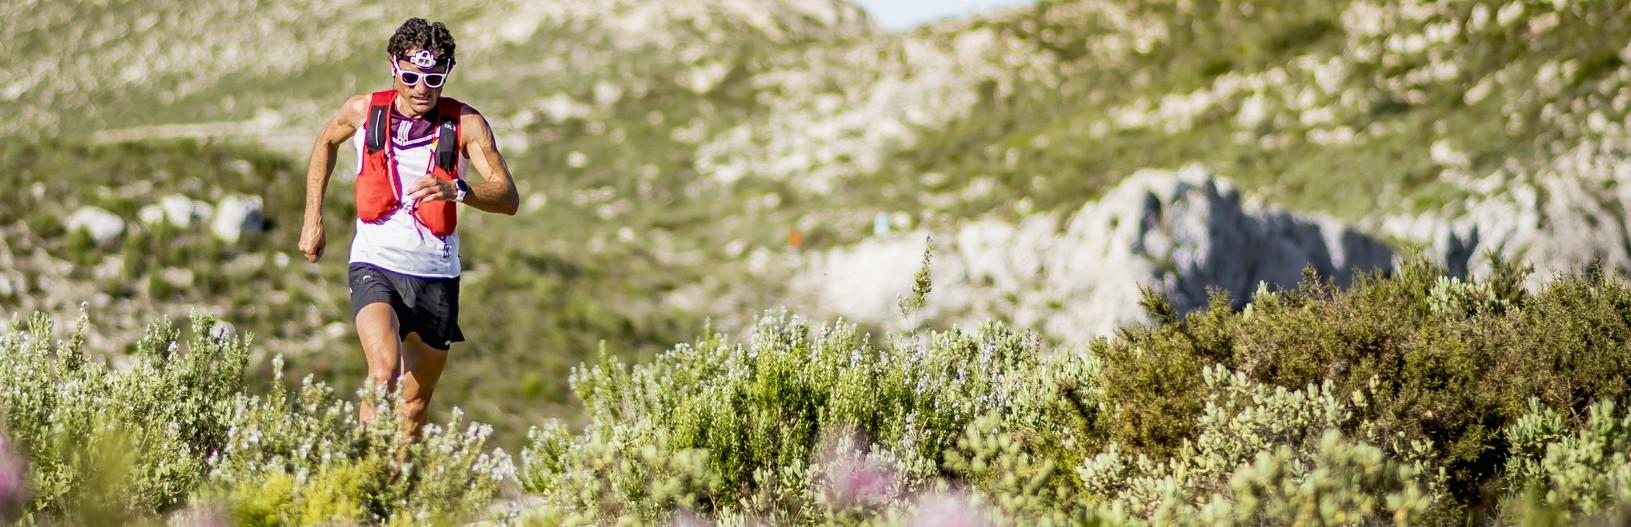 Corriendo en la Serra Foradà. Botamarges 2019   Forna. Alicante   © Image Hunters Photography